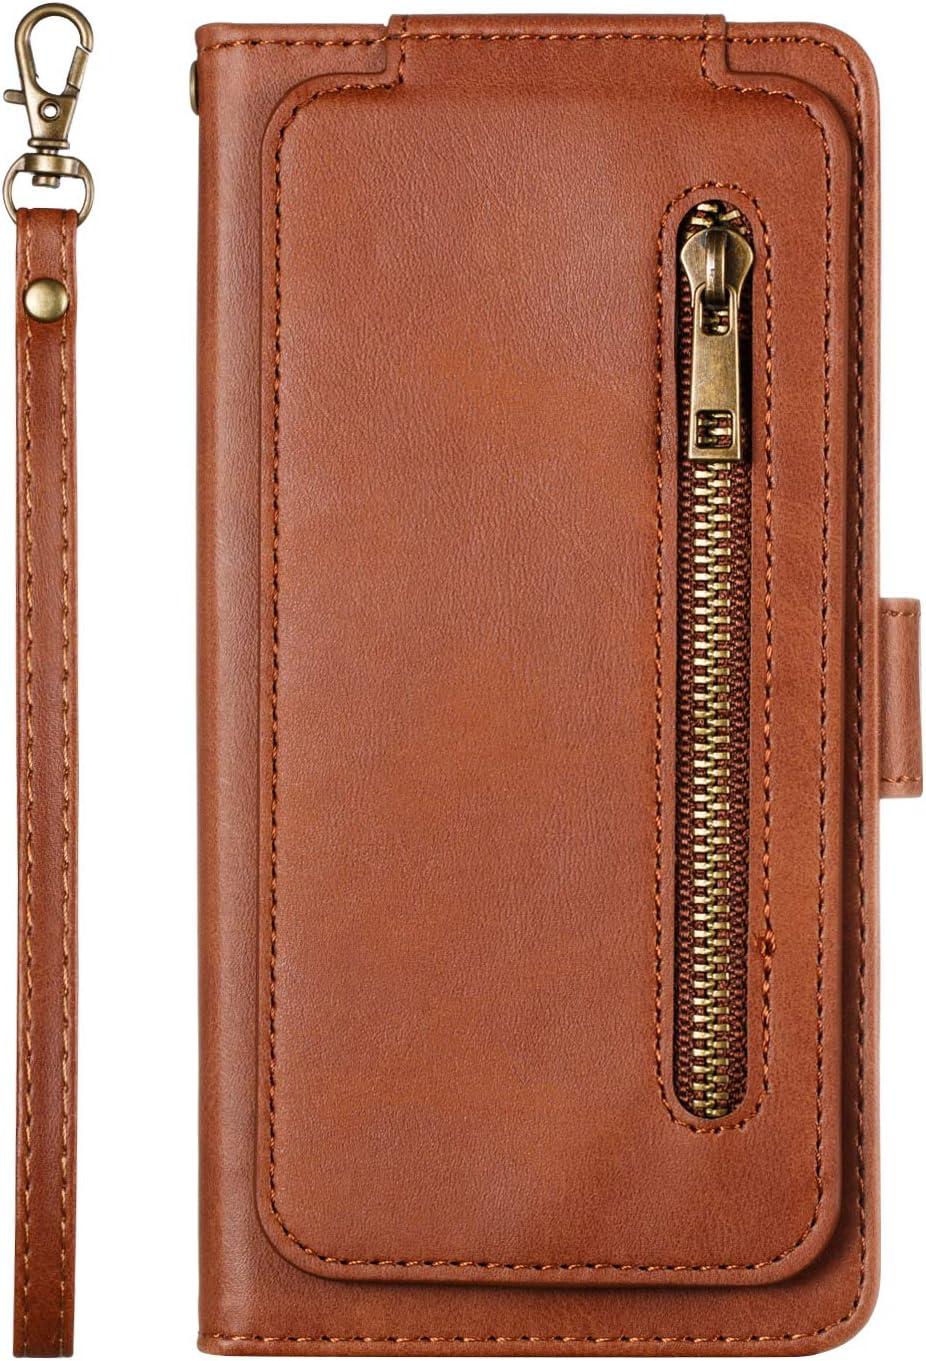 Schutzh/ülle Brieftasche mit Kartenfach Klappbar Magnetisch Sto/ßfest Handyh/ülle Case f/ür Samsung Galaxy J3 2017//J330F LOYTE040120 Schwarz Lomogo Galaxy J3 2017 //J330 H/ülle Leder